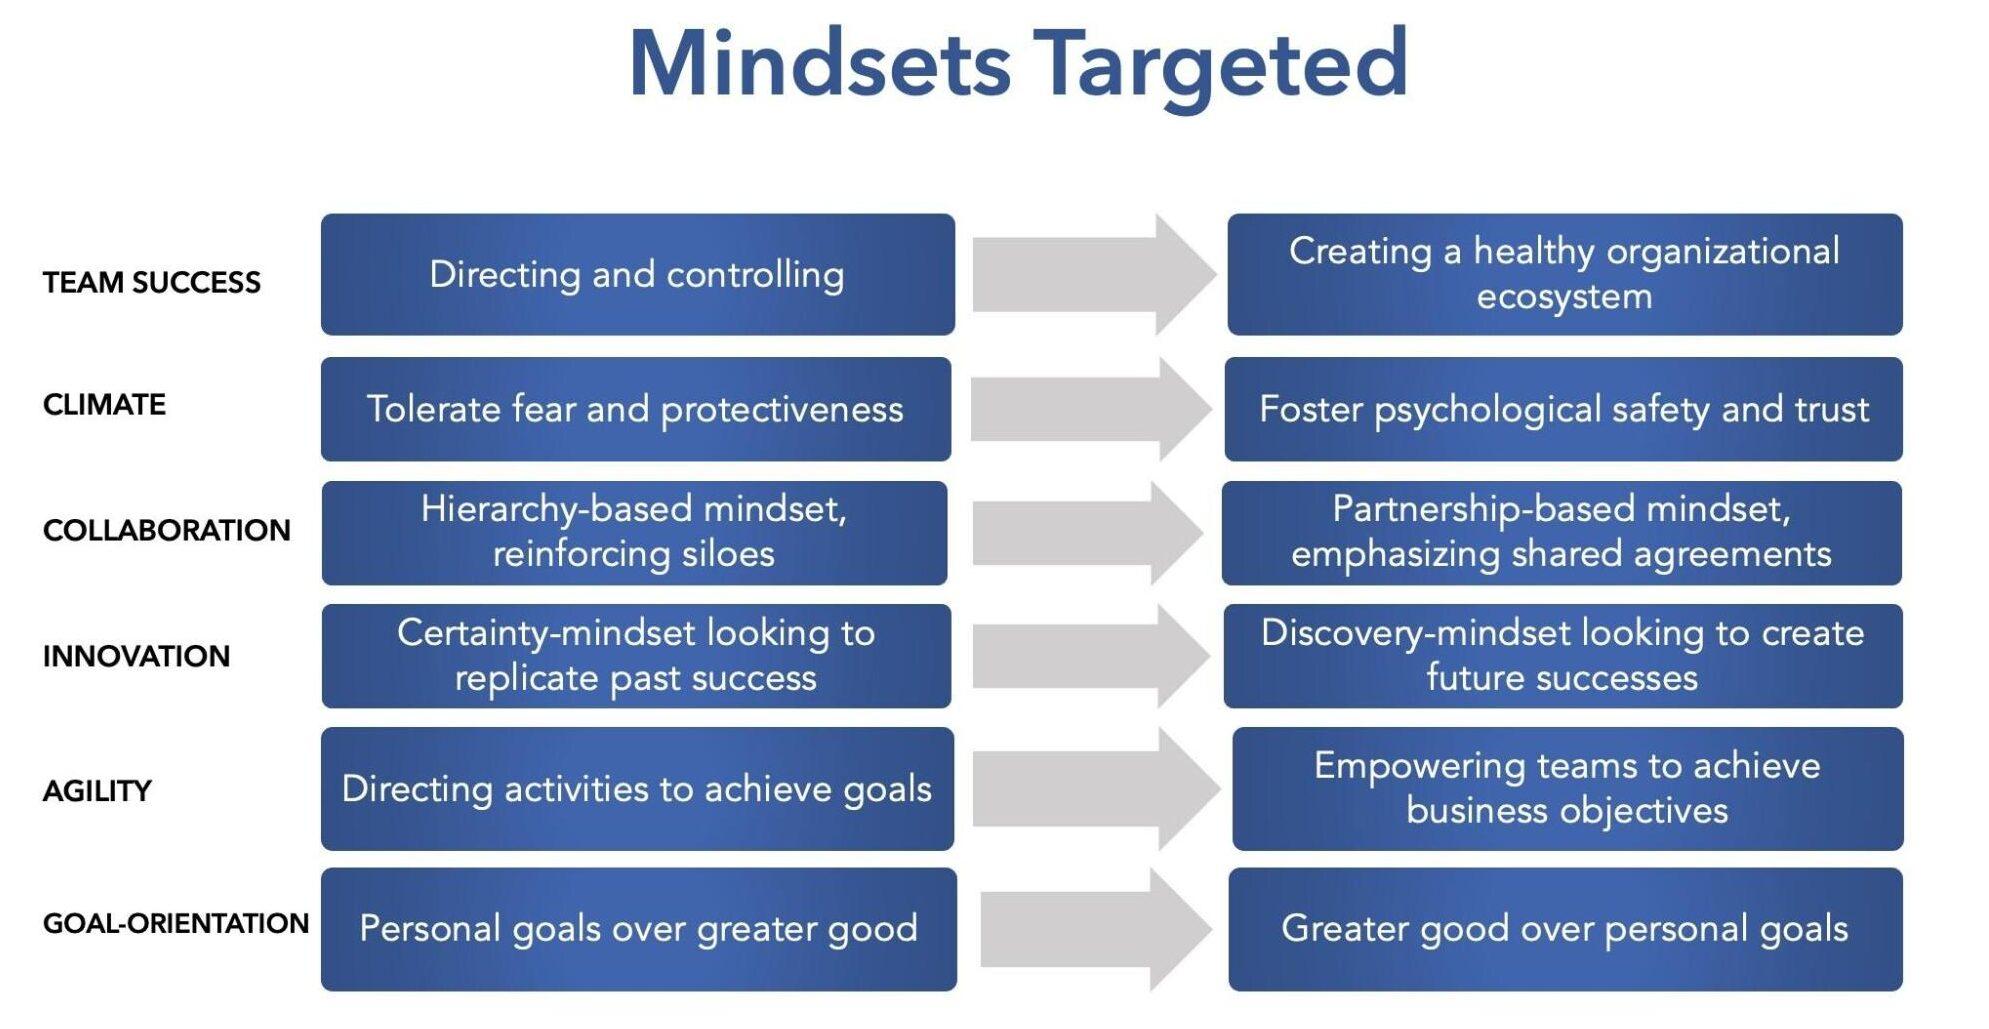 Mindsets Targeted Diagram